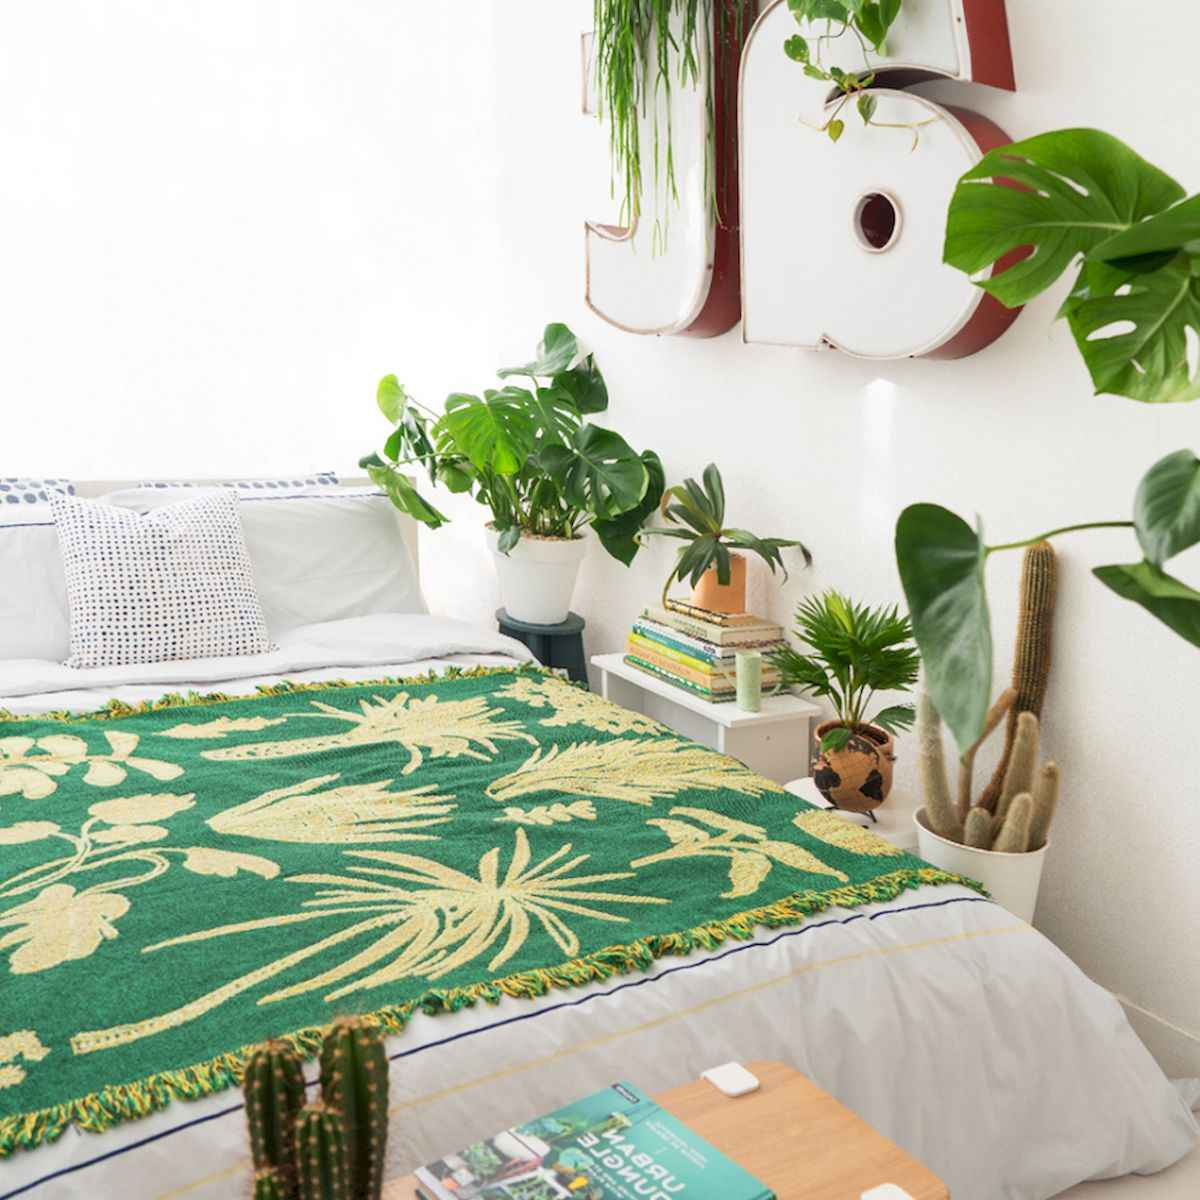 30 easy but stunning diy summer ideas room decor (21)